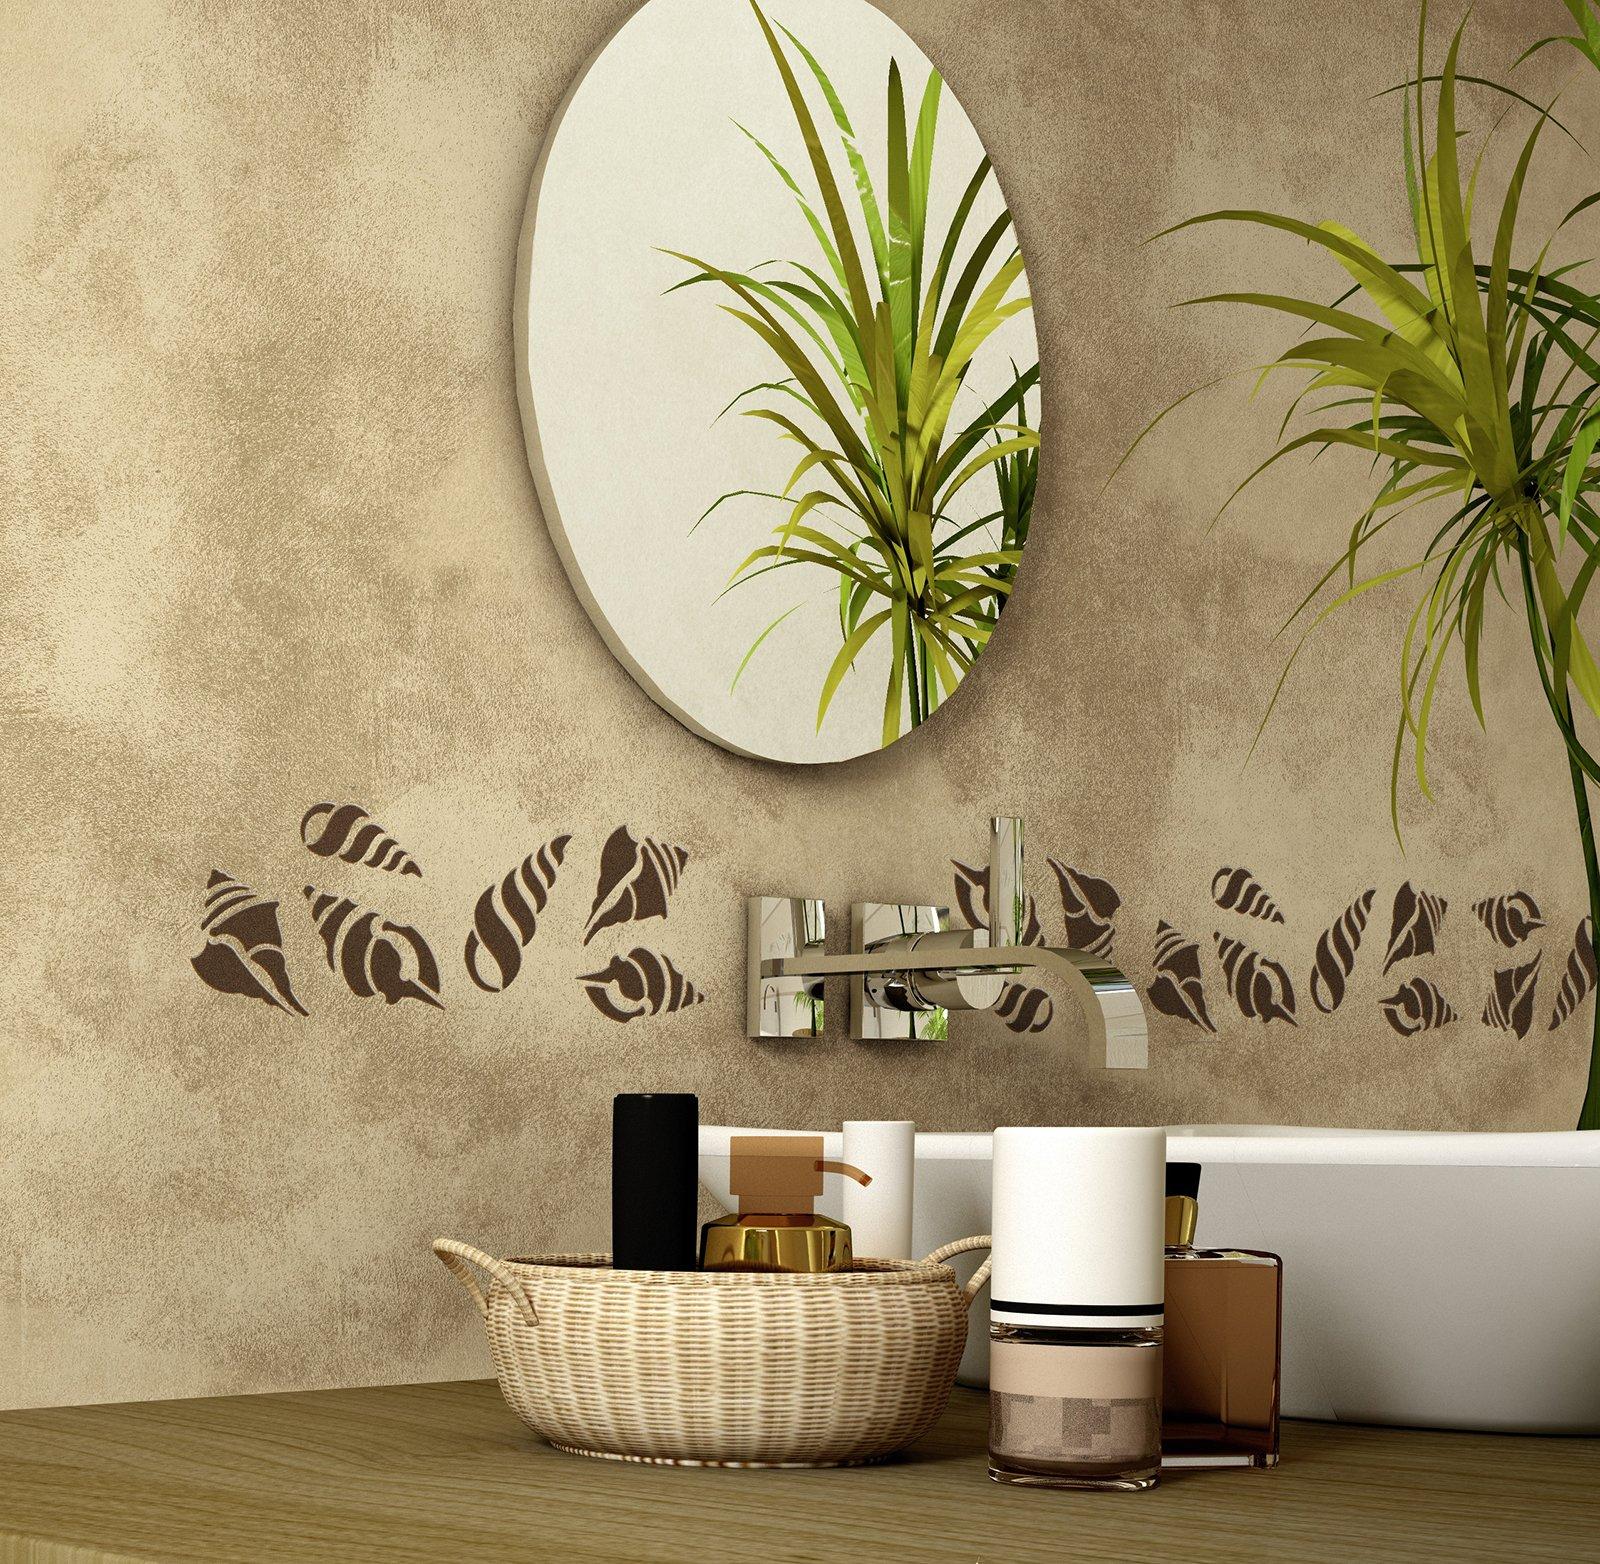 Ristrutturare il bagno dalle piastrelle allo scaldasalviette cose di casa - Piastrelle decorative per pareti ...